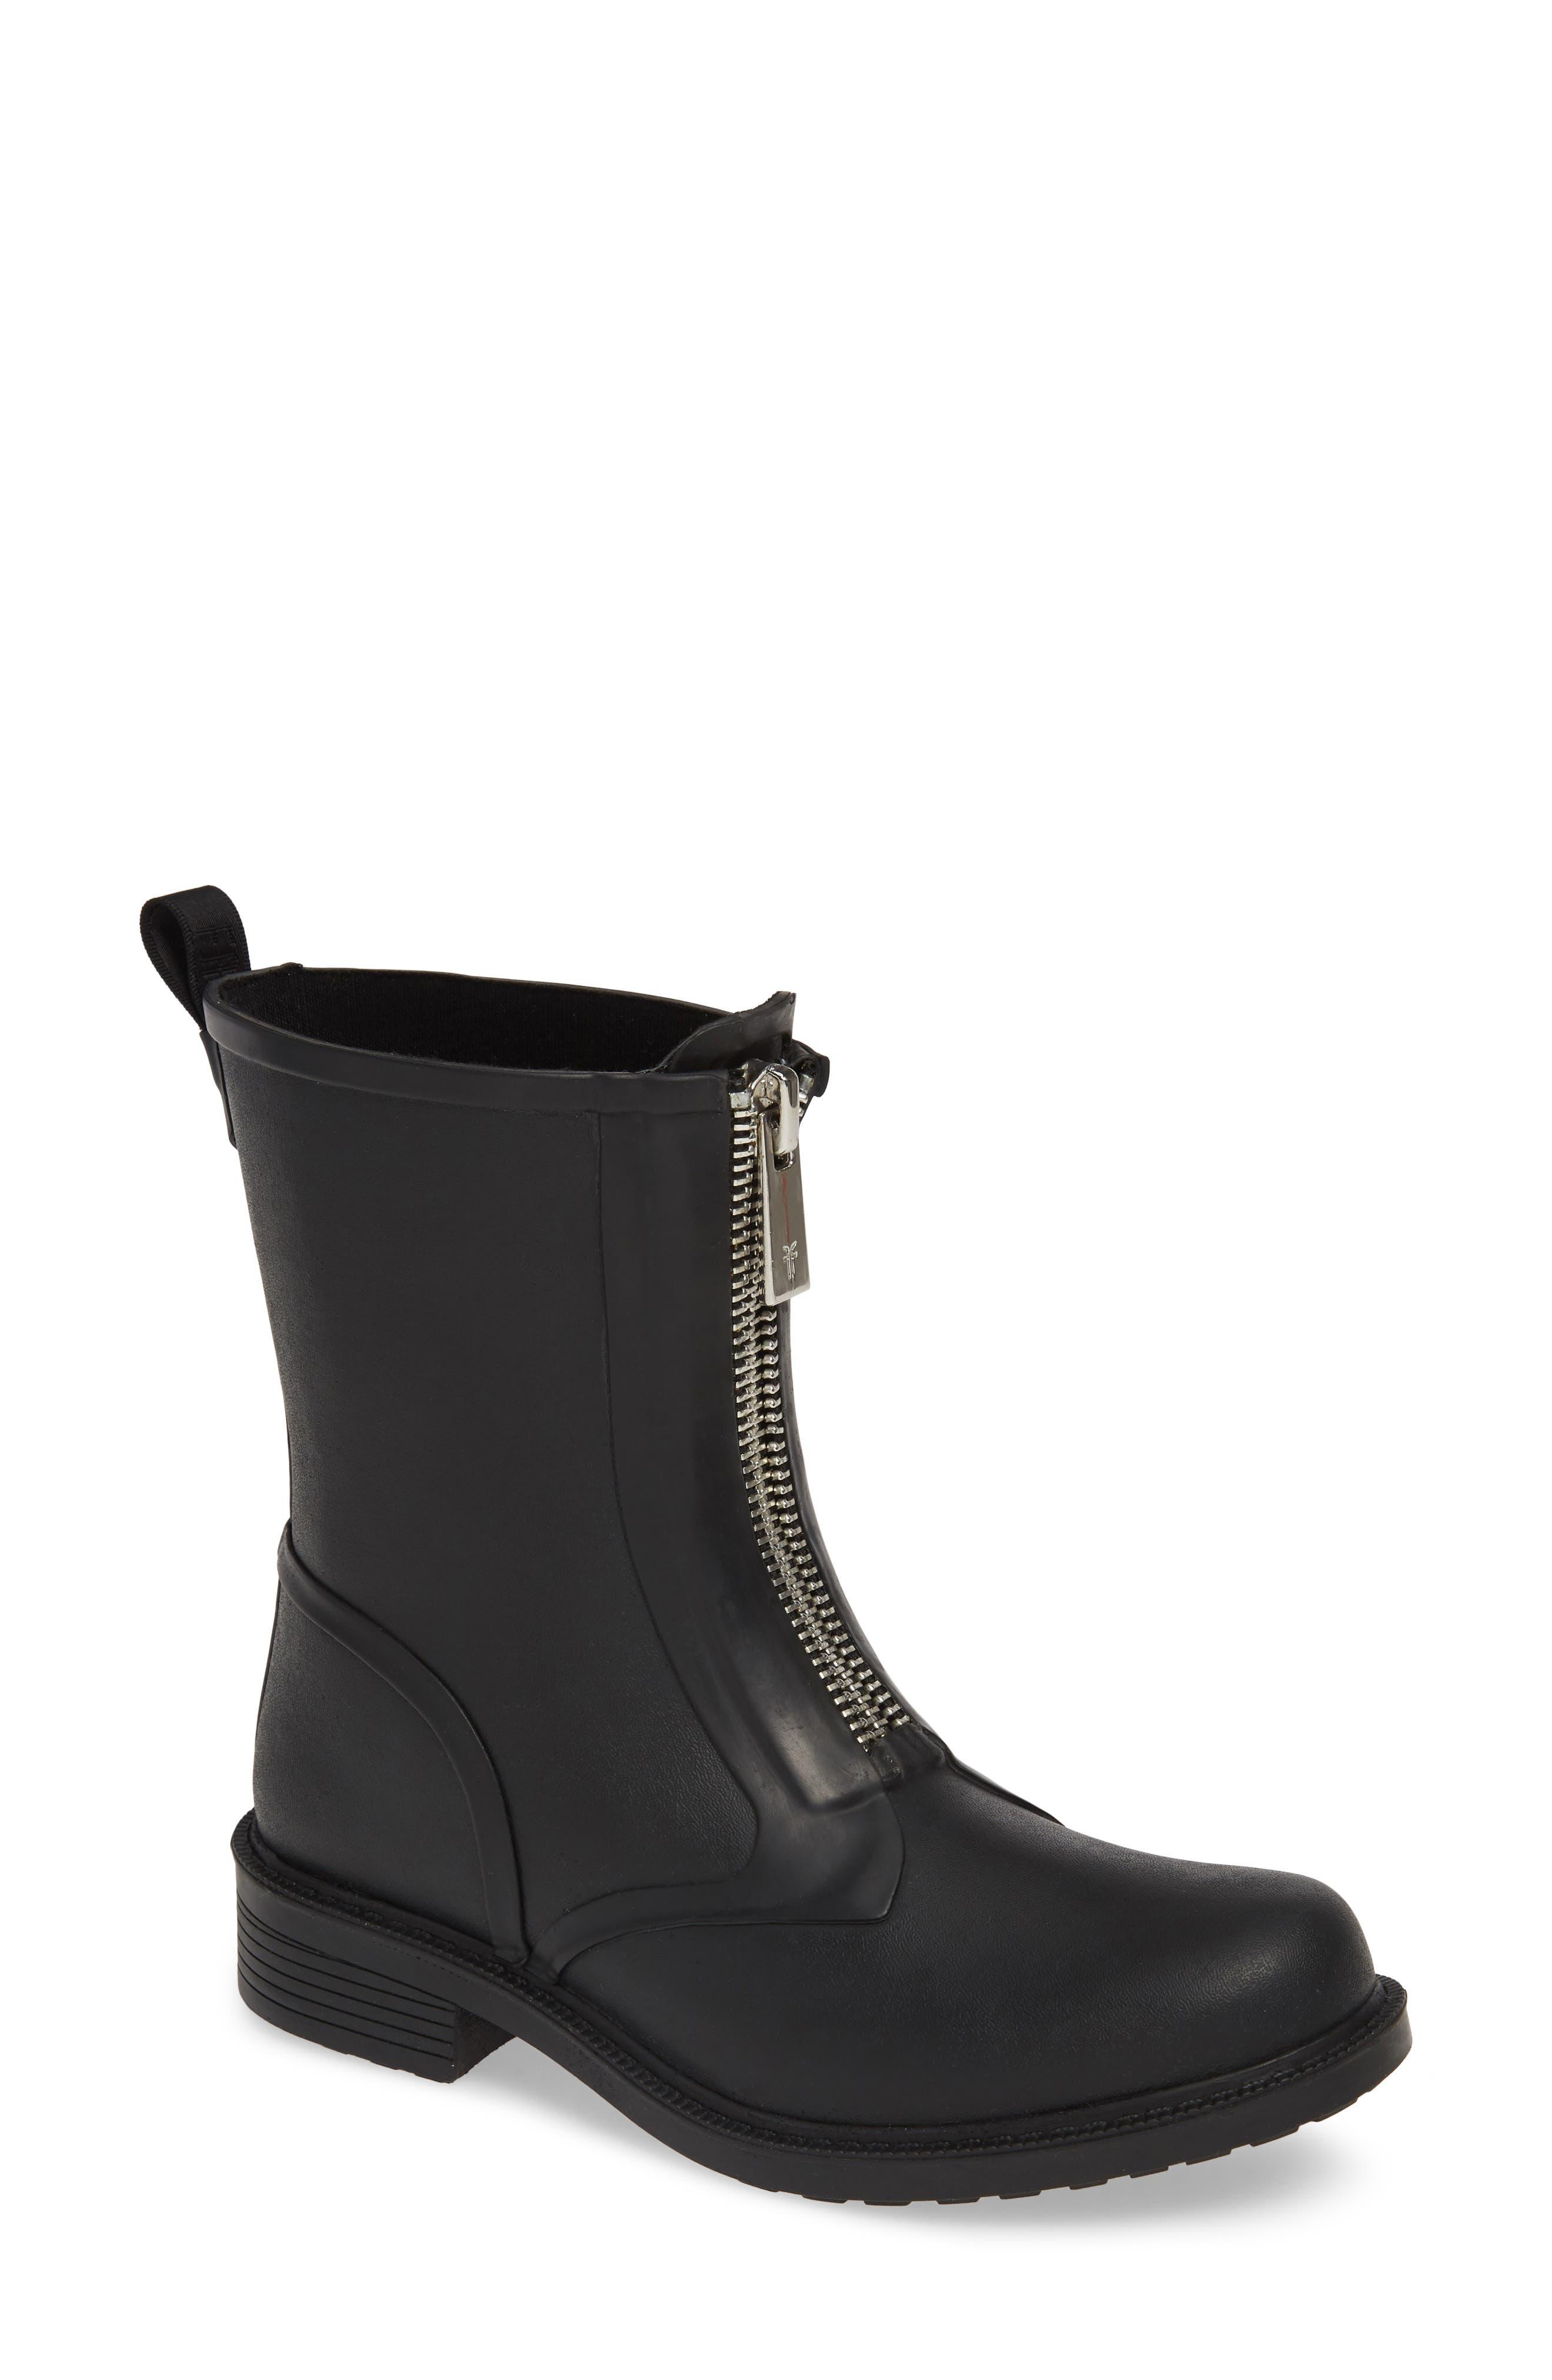 Storm Waterproof Rain Boot, Main, color, BLACK